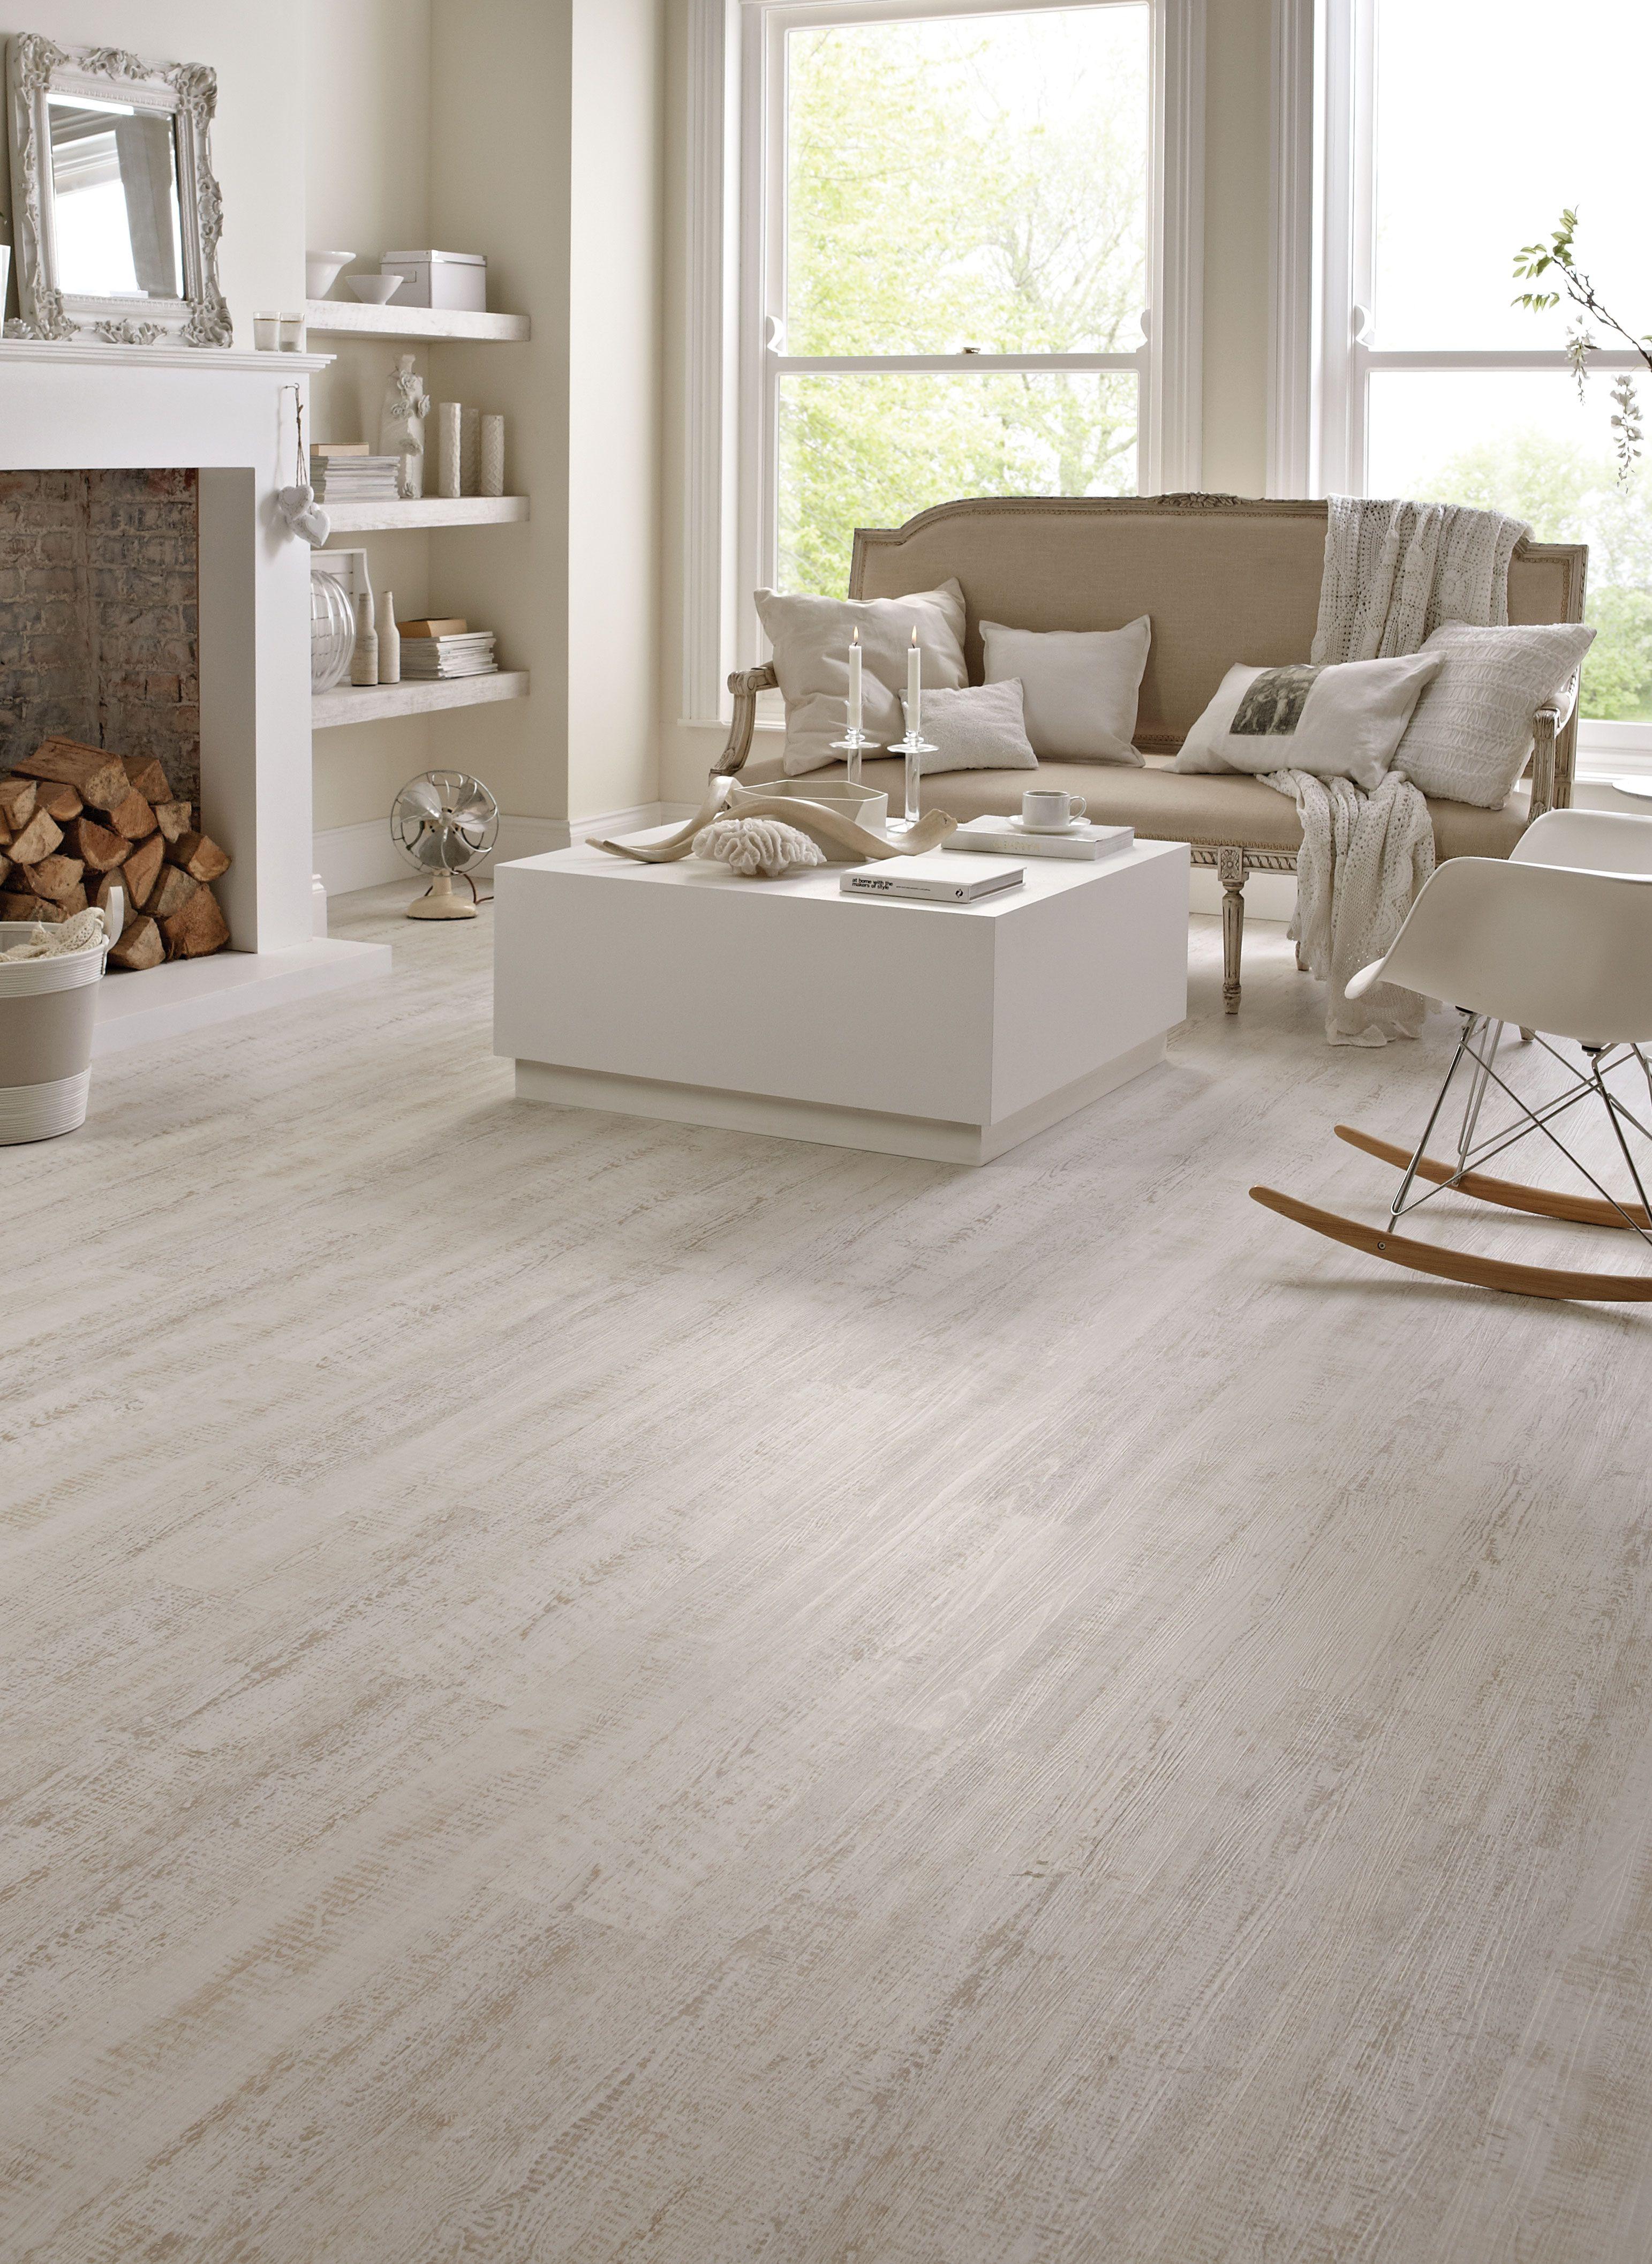 Karndean wood flooring - White Painted Oak by ...